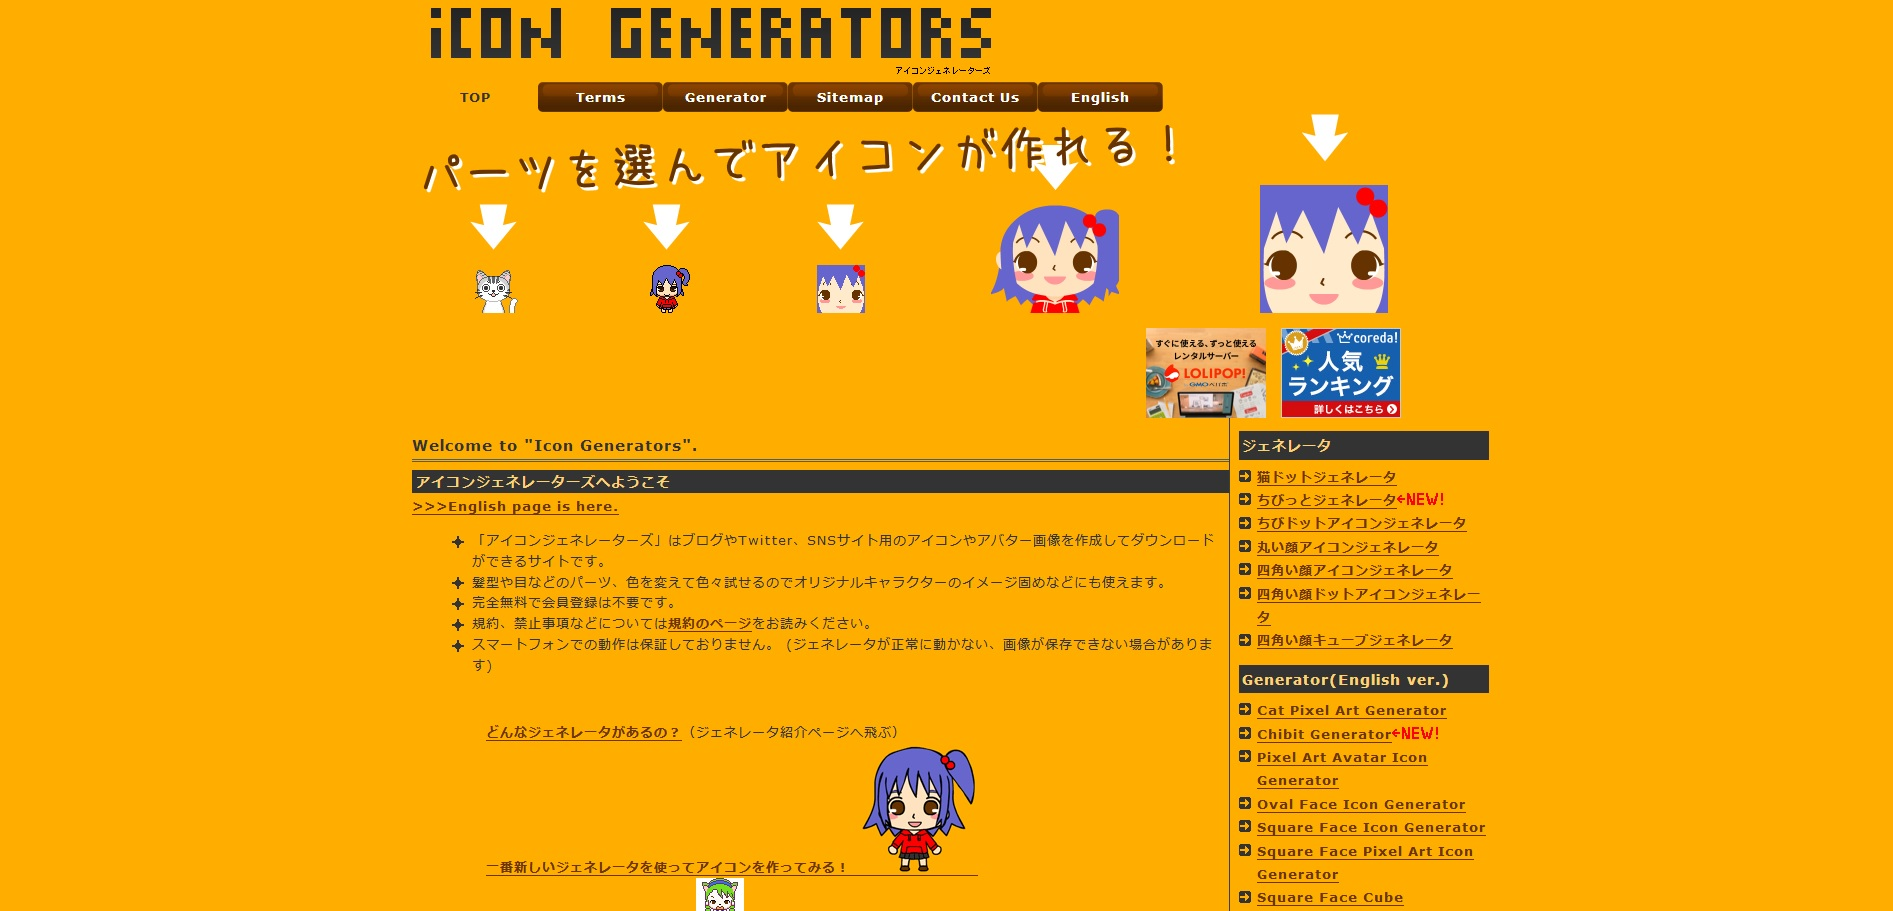 iCON GENERATORS